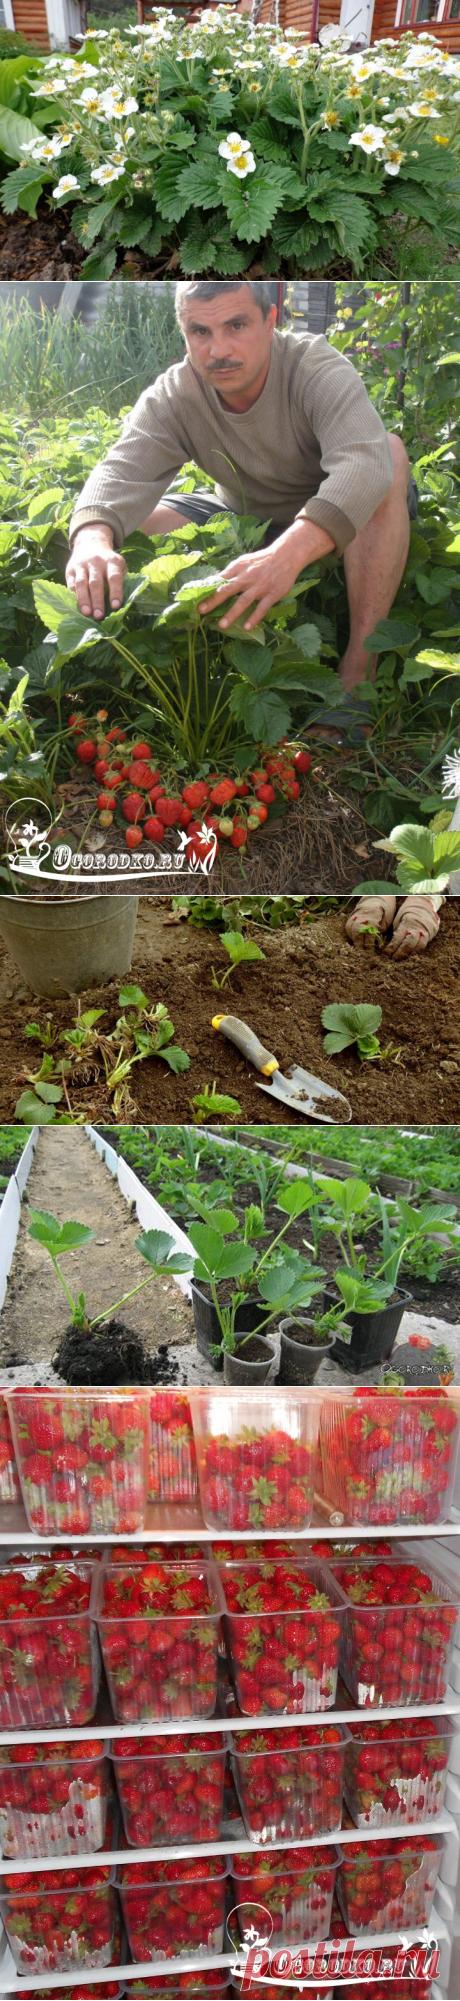 Выращивание ремонтантной клубники - пошаговая инструкция, посадка,уход